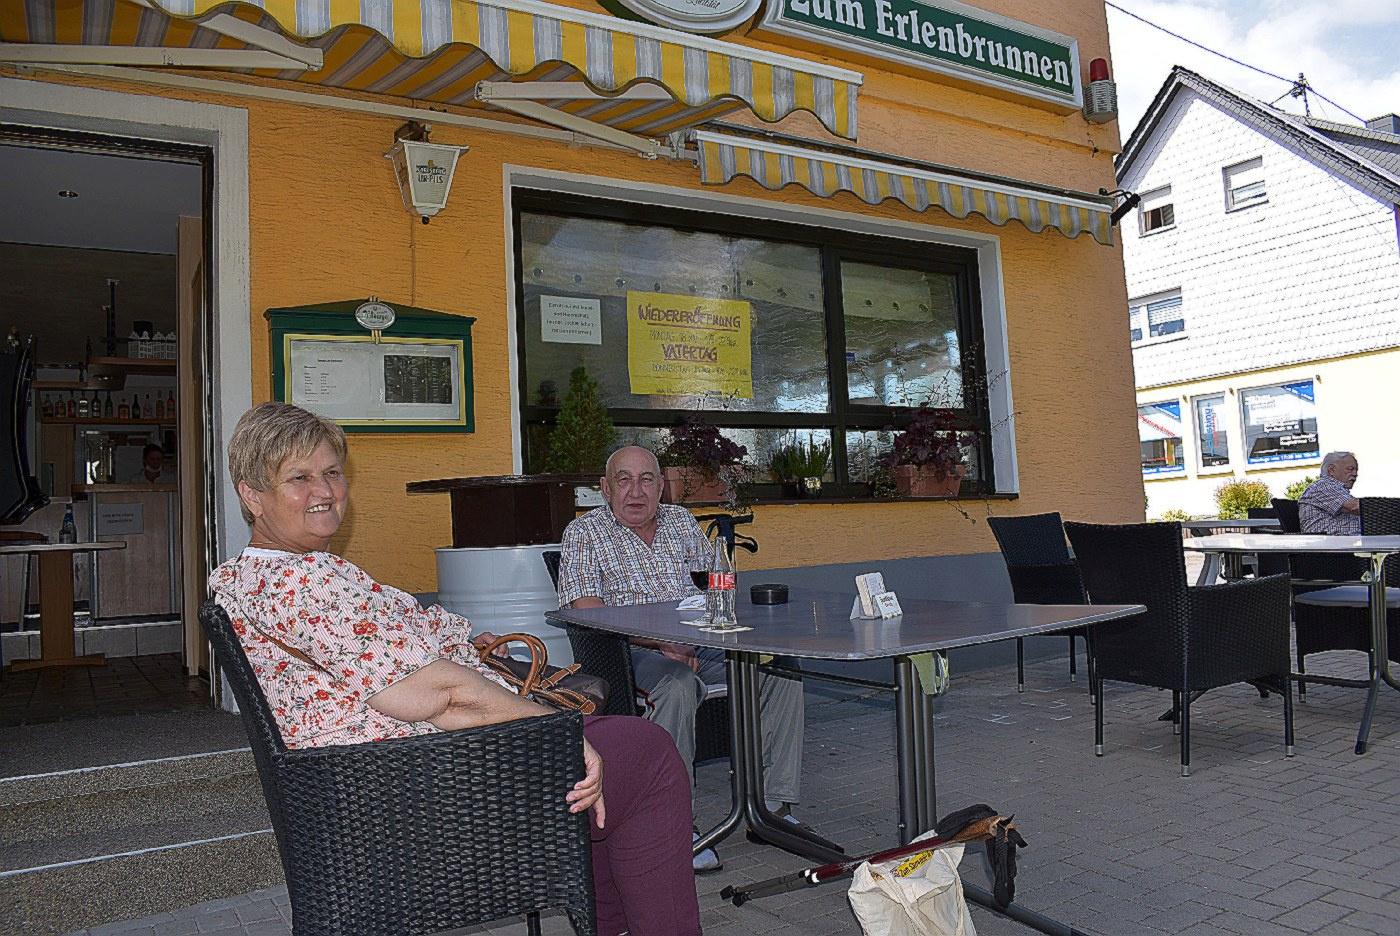 Die kleine Kneipe 'Erlenbrunnen' in Neunkirchen-Furpach (Foto: U. Schmidt)